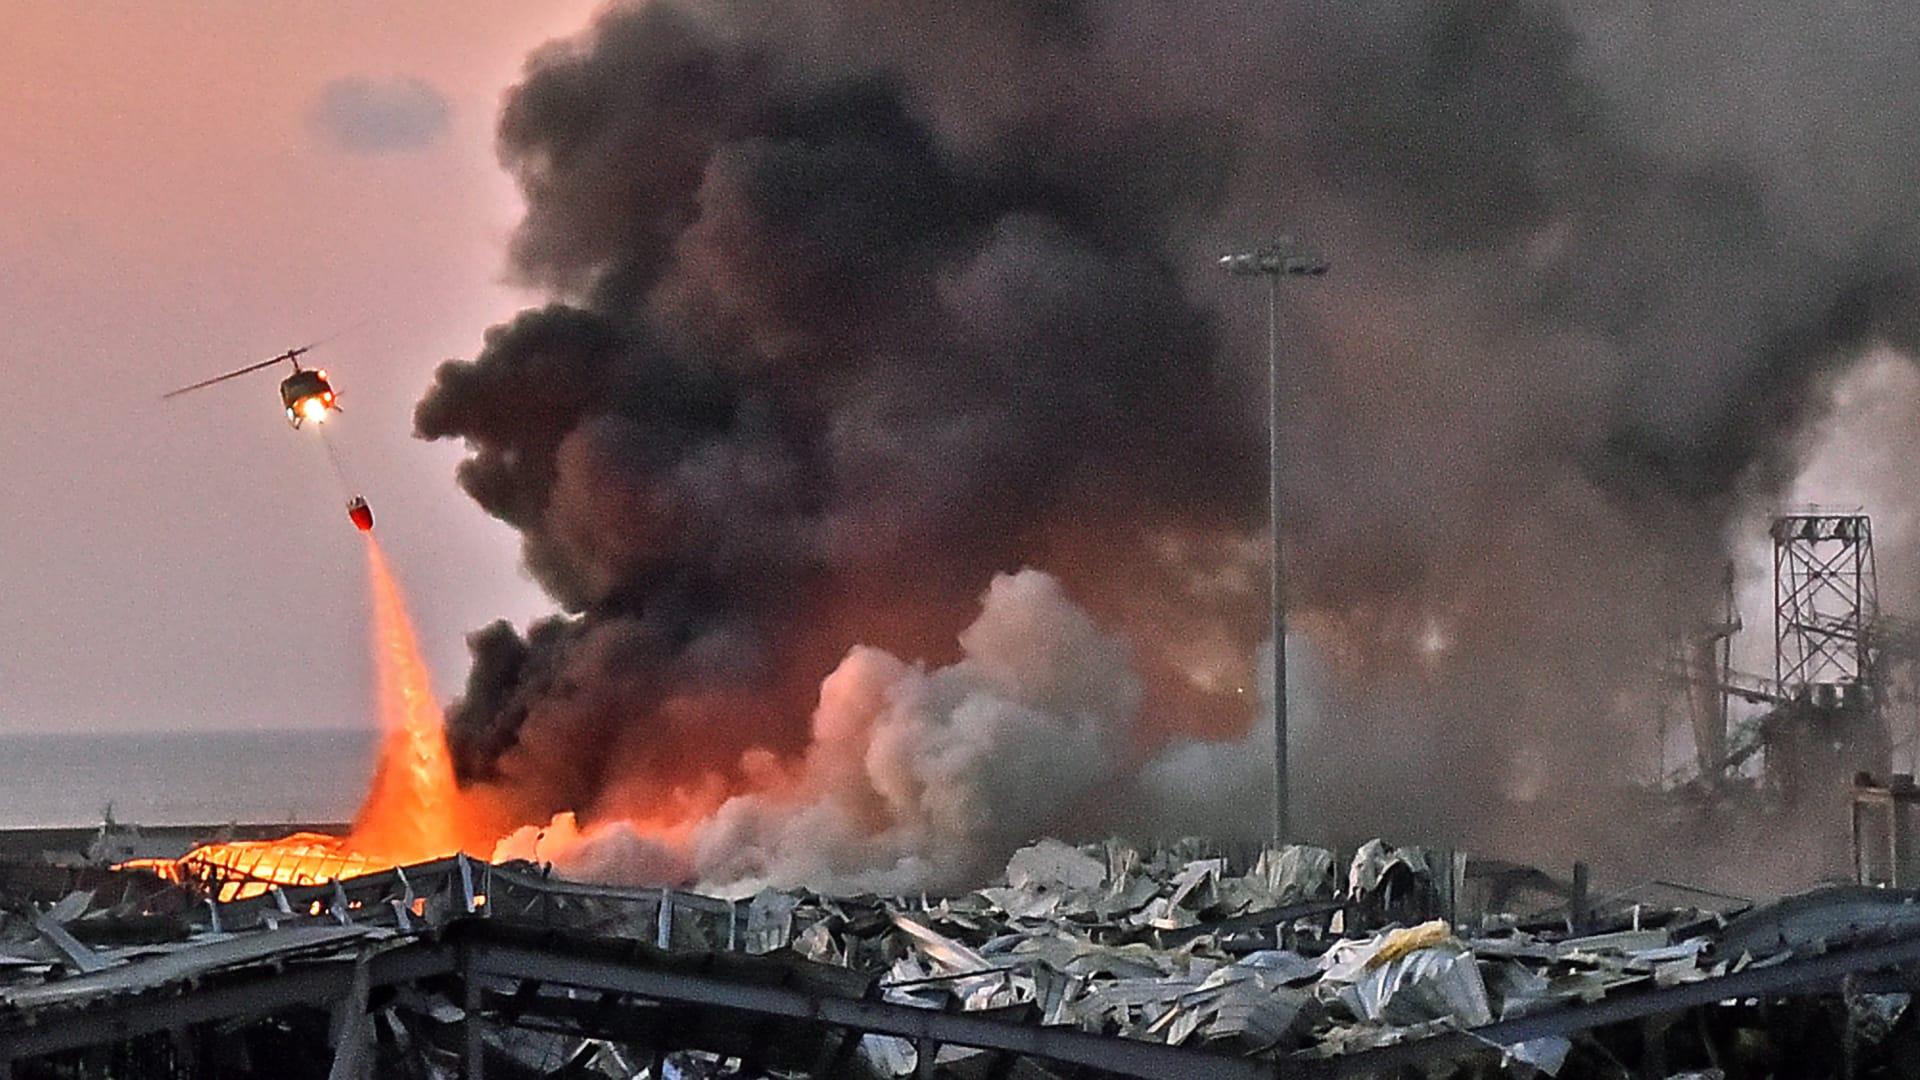 صدمة ما بعد انفجار مرفأ بيروت.. كيف يتعايش الأطفال مع الكارثة؟